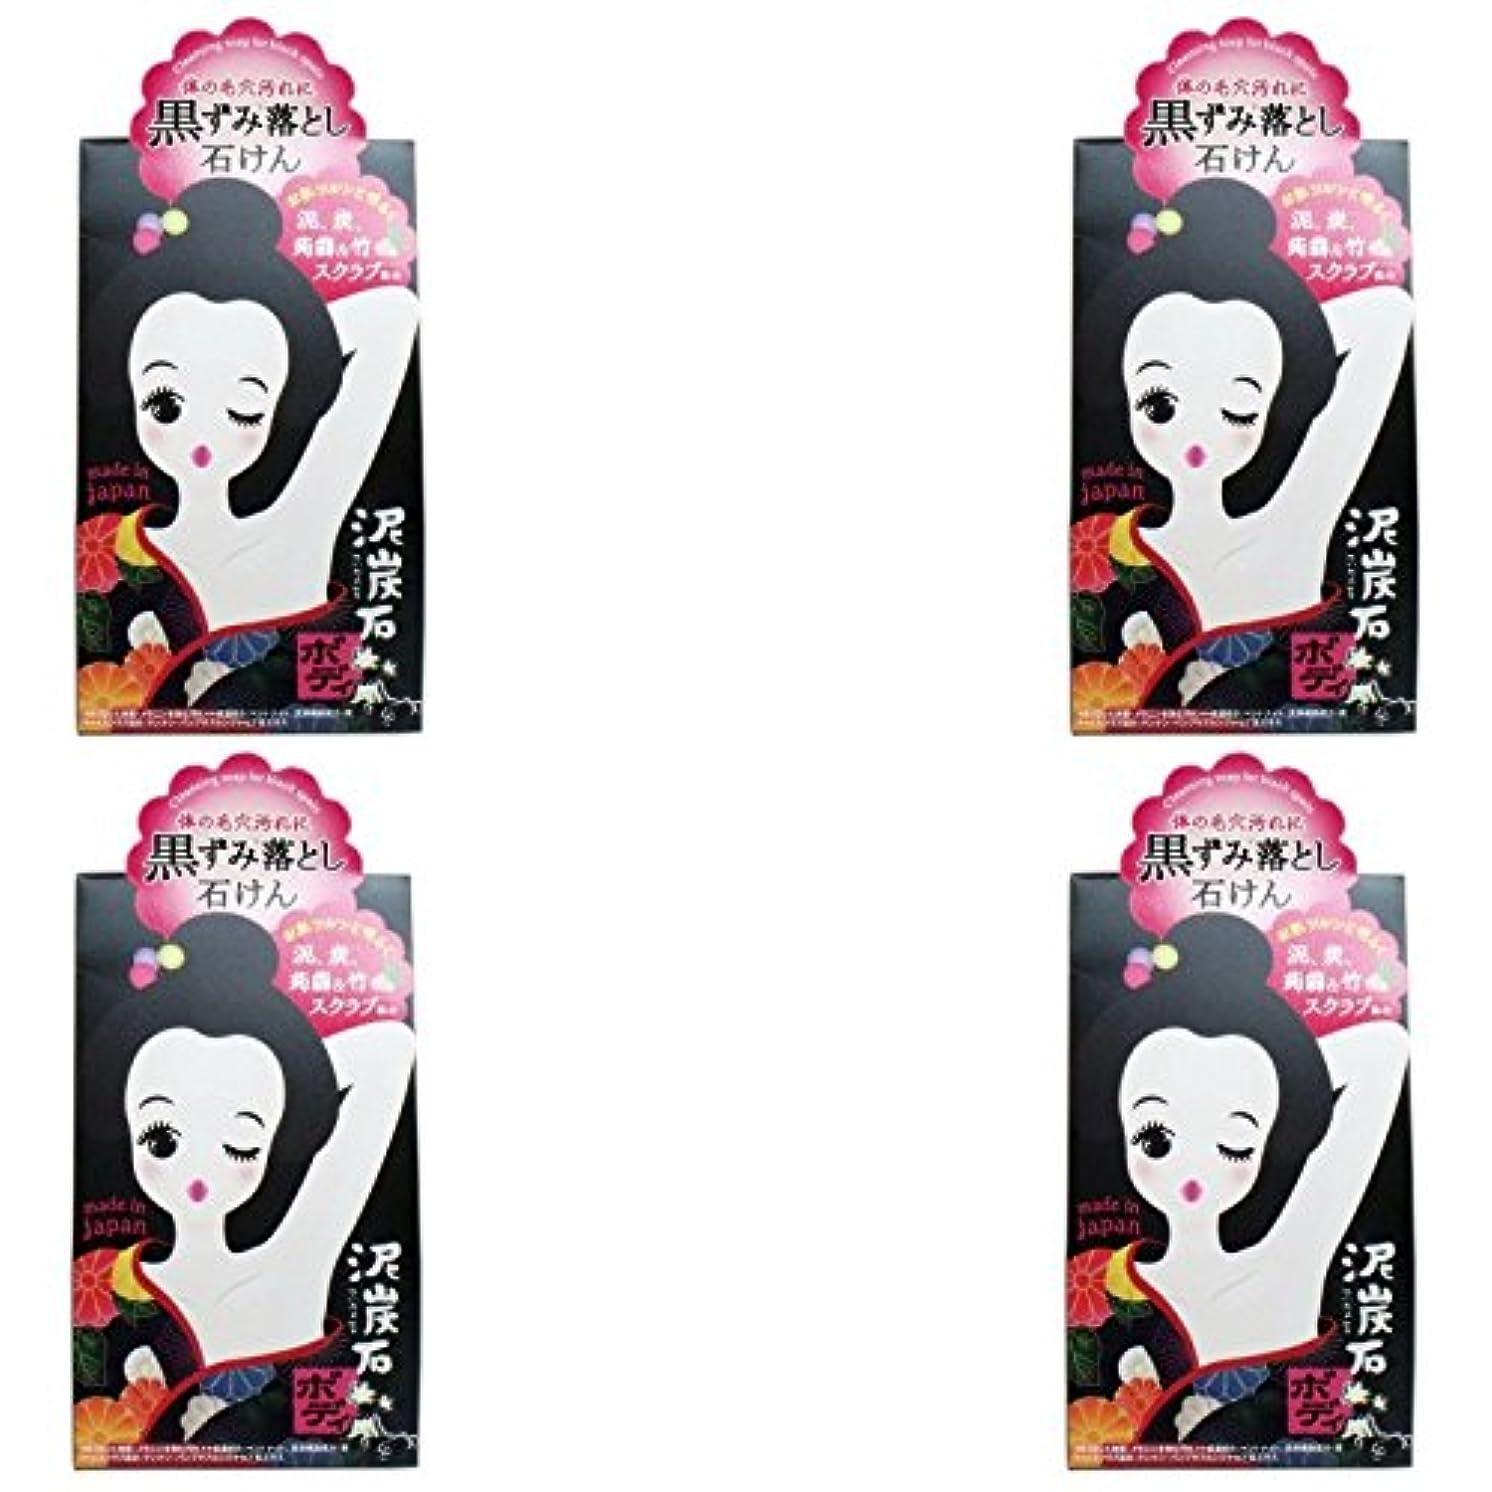 送信する密輸ランプ【まとめ買い】泥炭石 ボディスクラブ石鹸 100g【×4個】